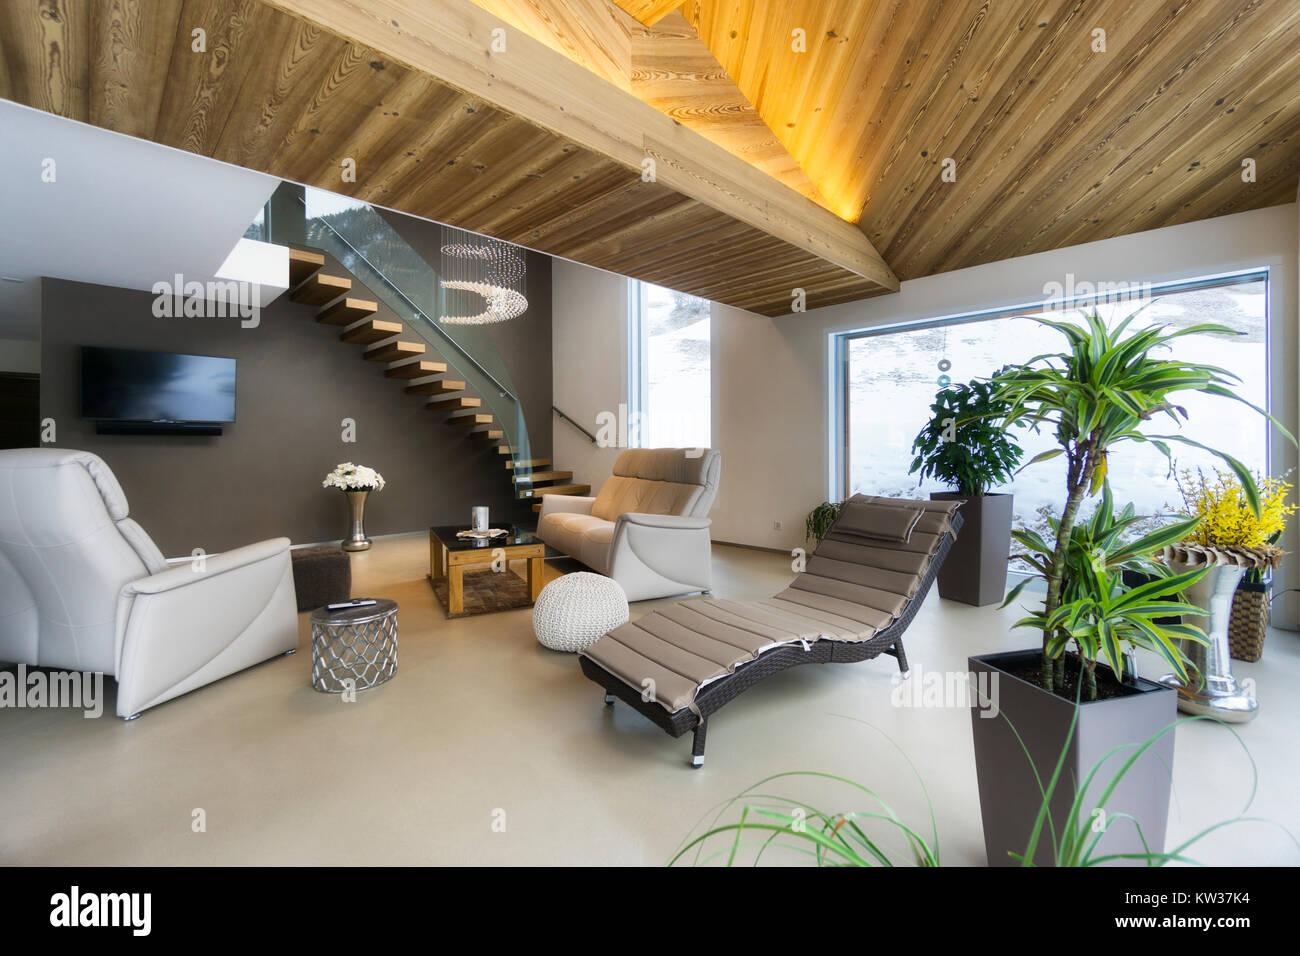 Wohnzimmer von Luxus haus mit Bergblick in modernem Design Stockfoto ...